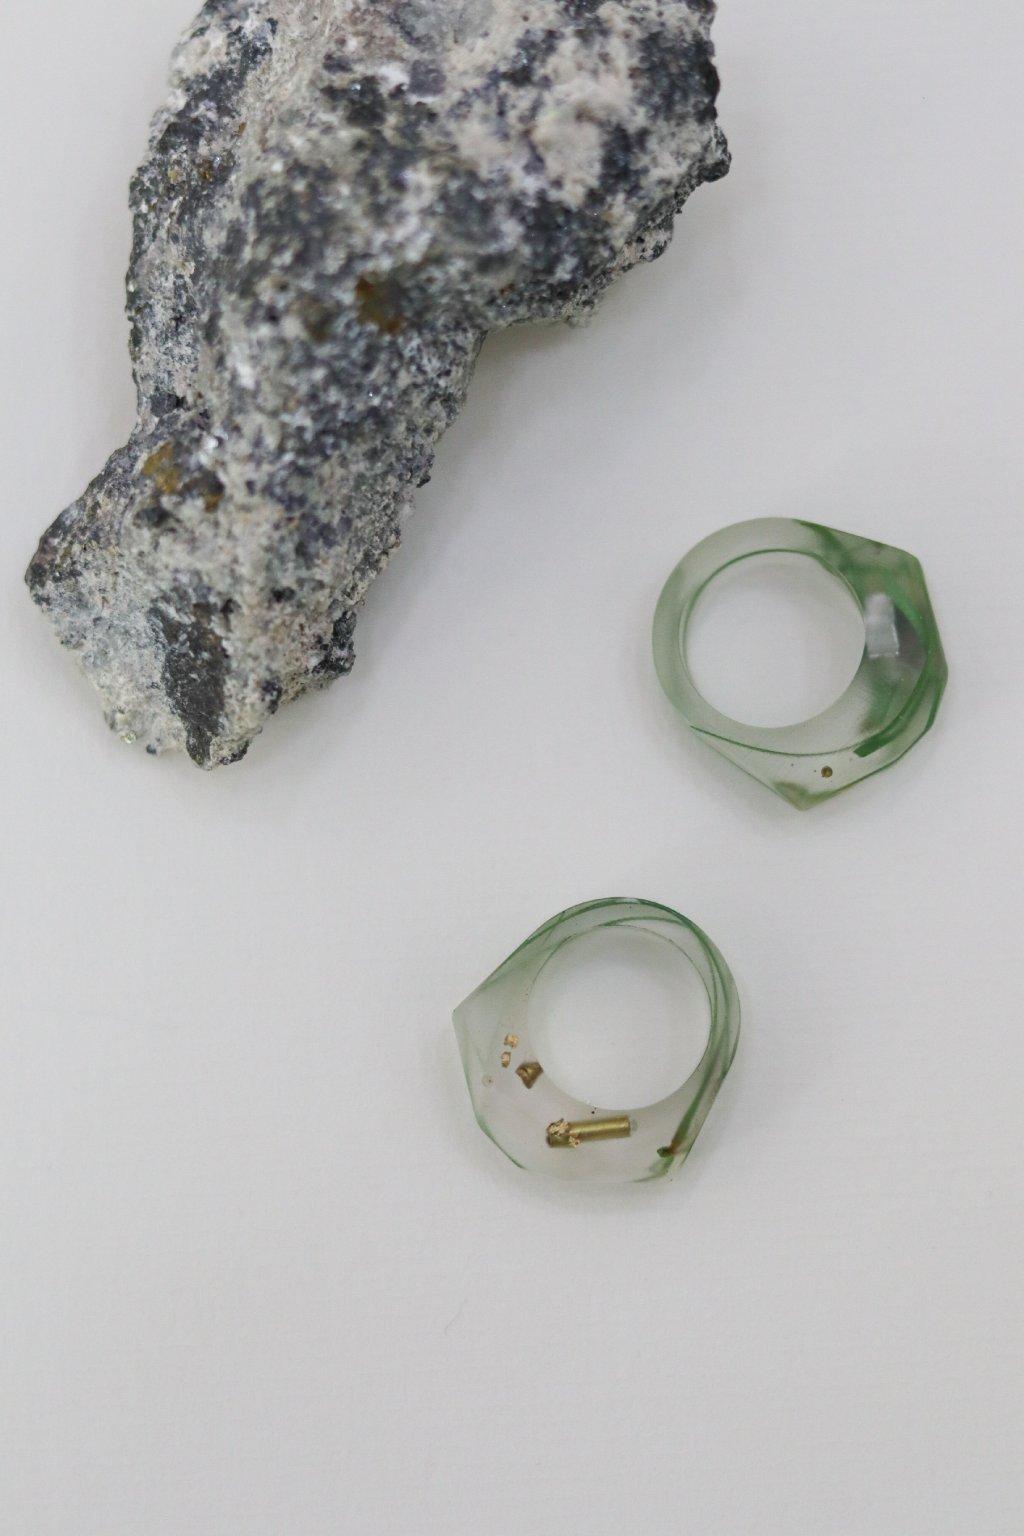 prsteň Zuzana Janíček Muranicová